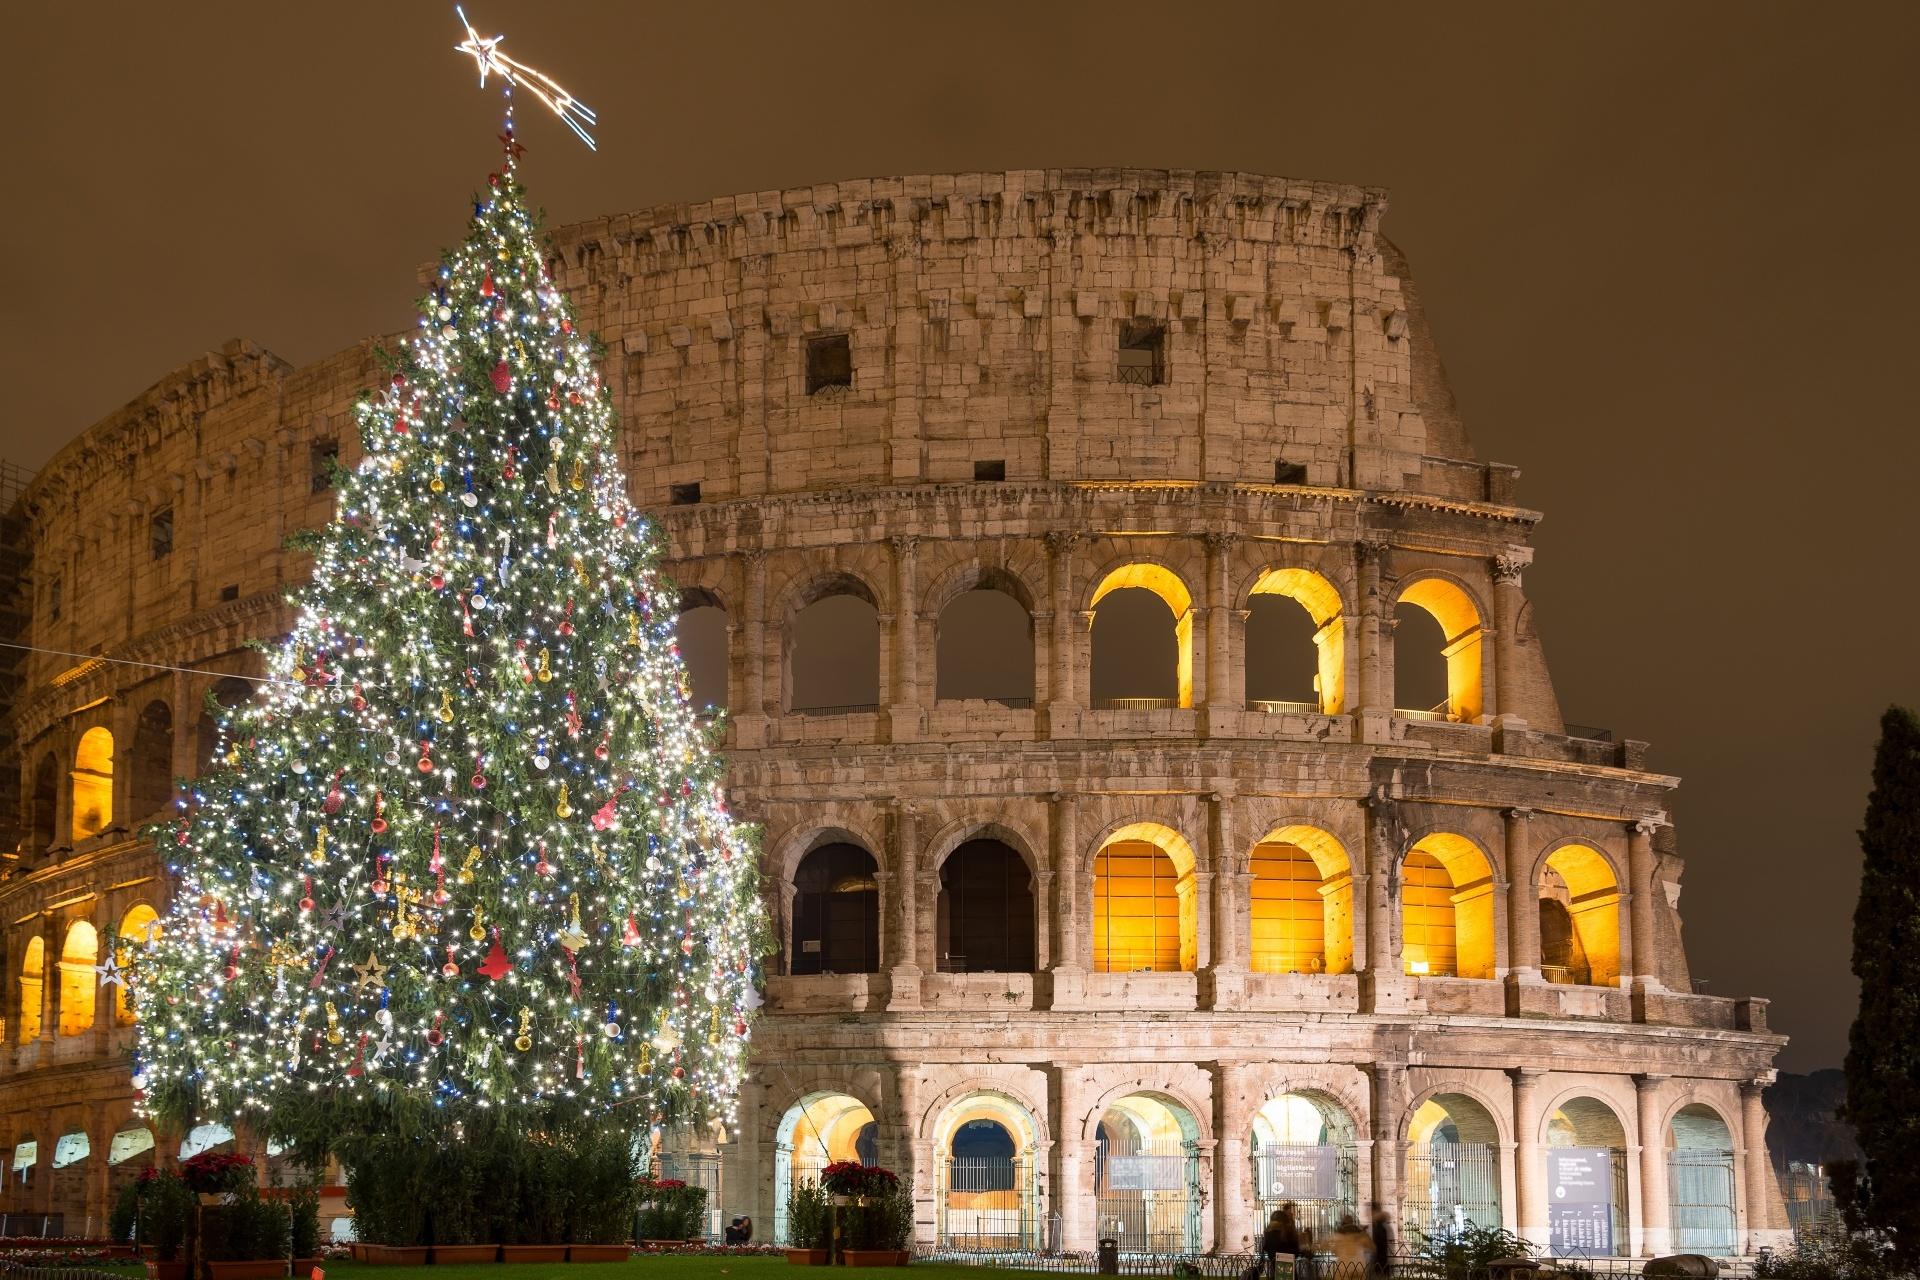 クリスマス時期のローマのコロッセオ イタリアの風景